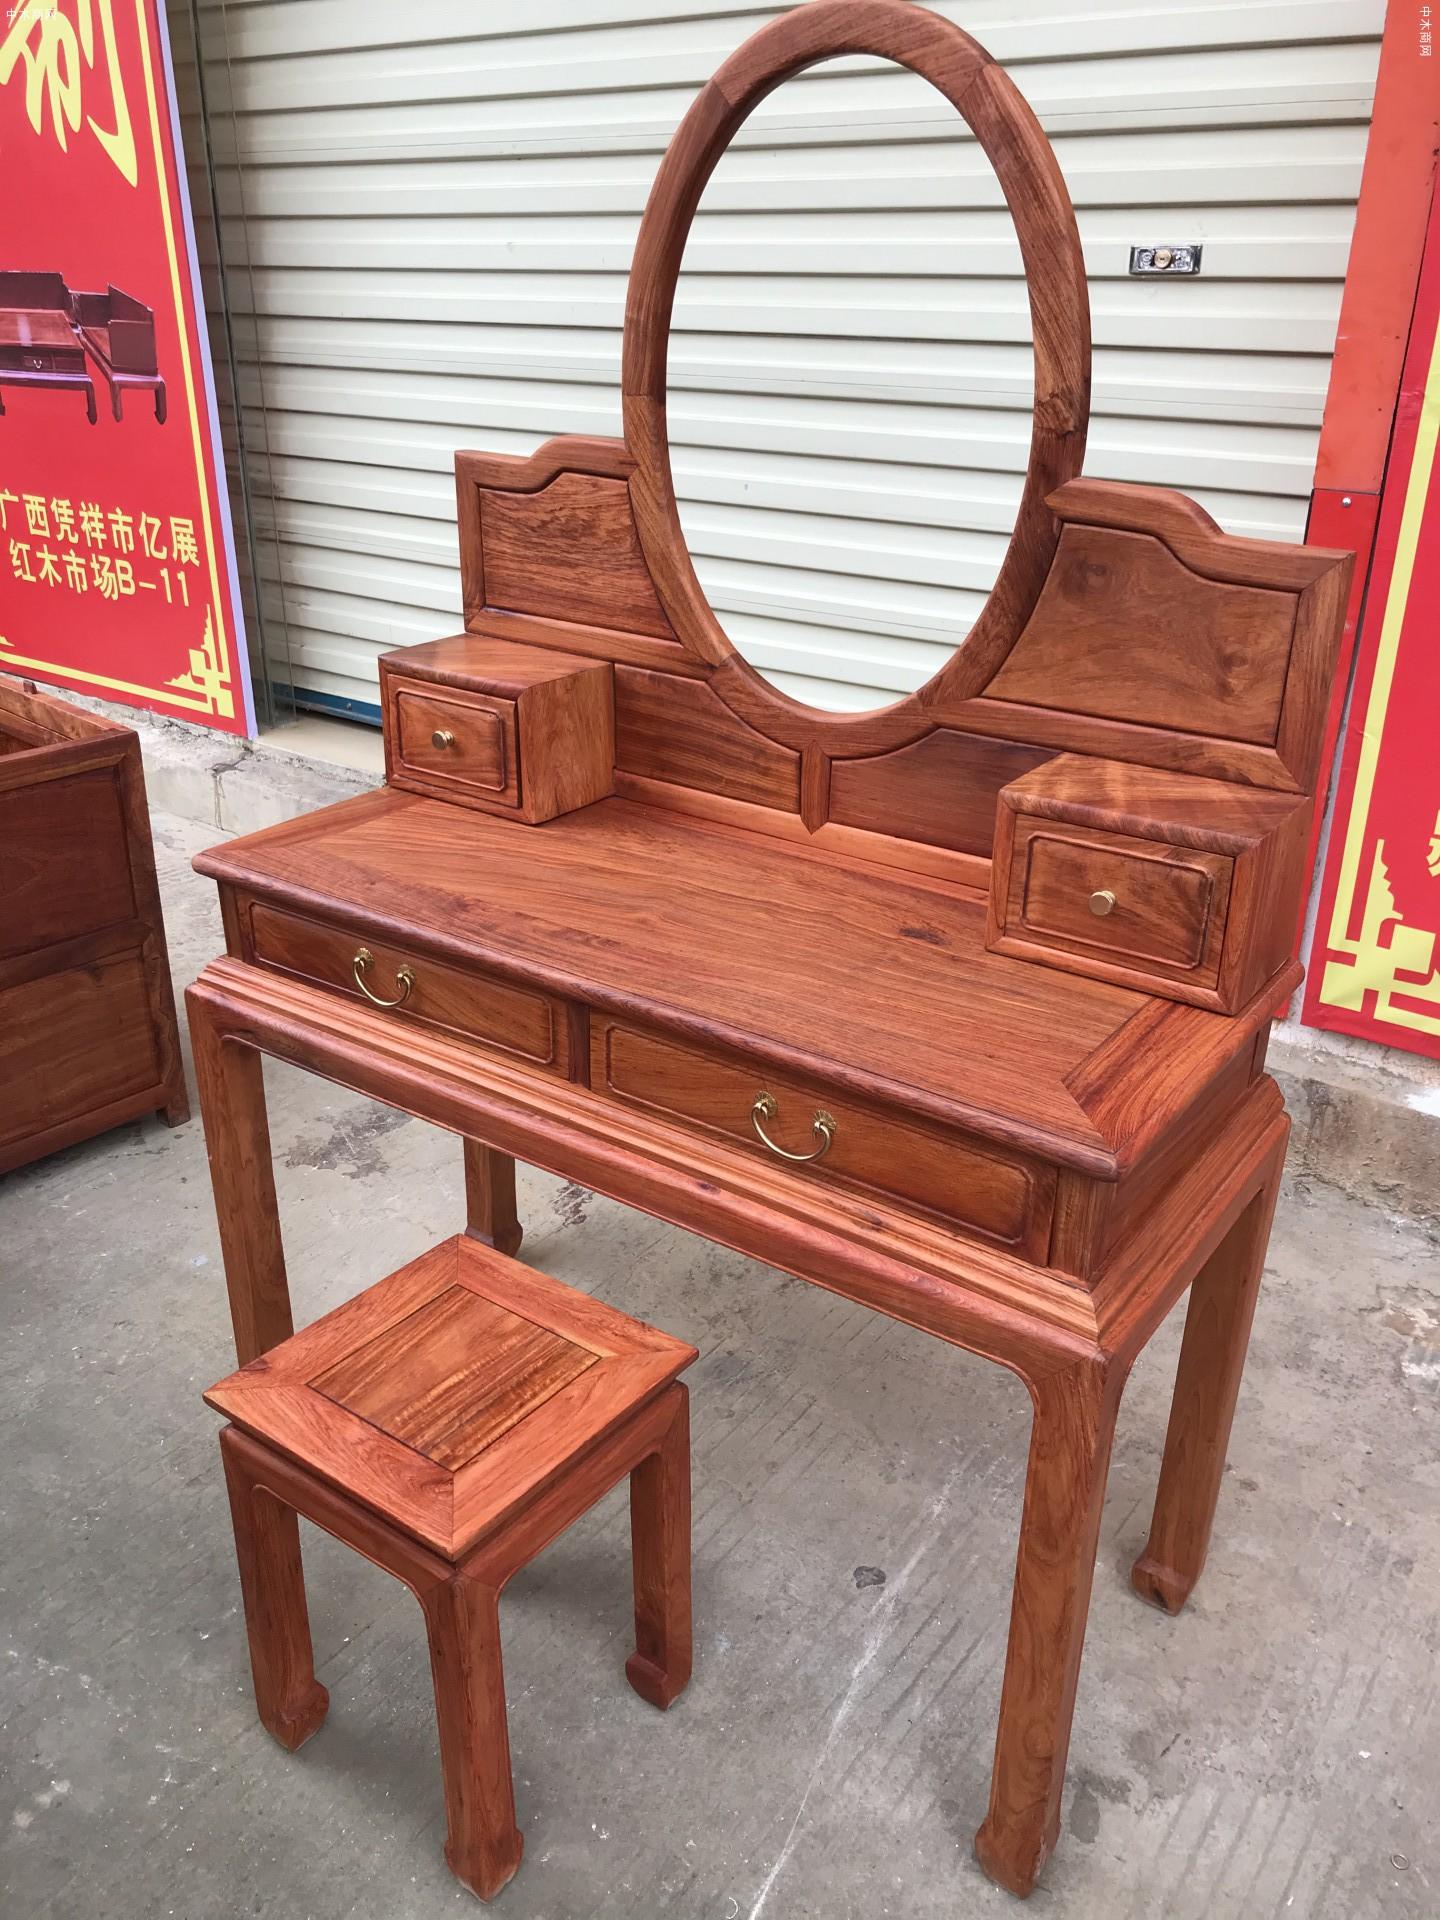 古典缅甸花梨木梳妆台厂家高清图供应商